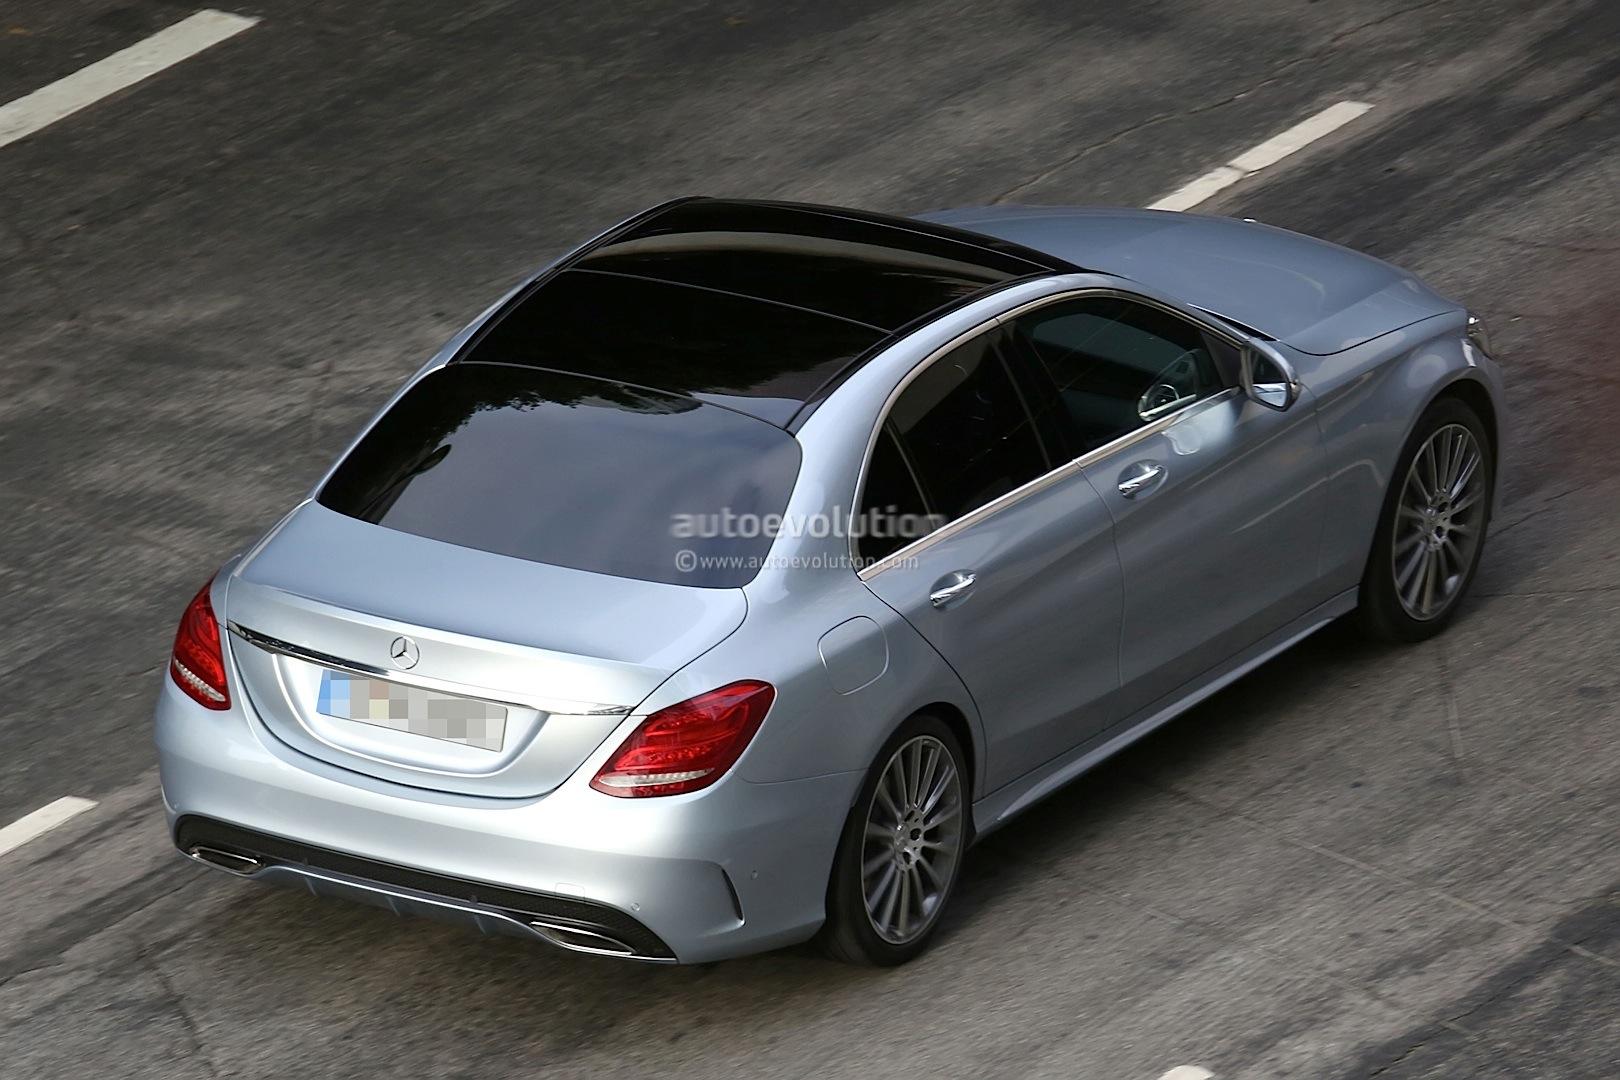 2015 Mercedes Benz C 220 Bluetec W205 Vs 2014 C 220 Cdi